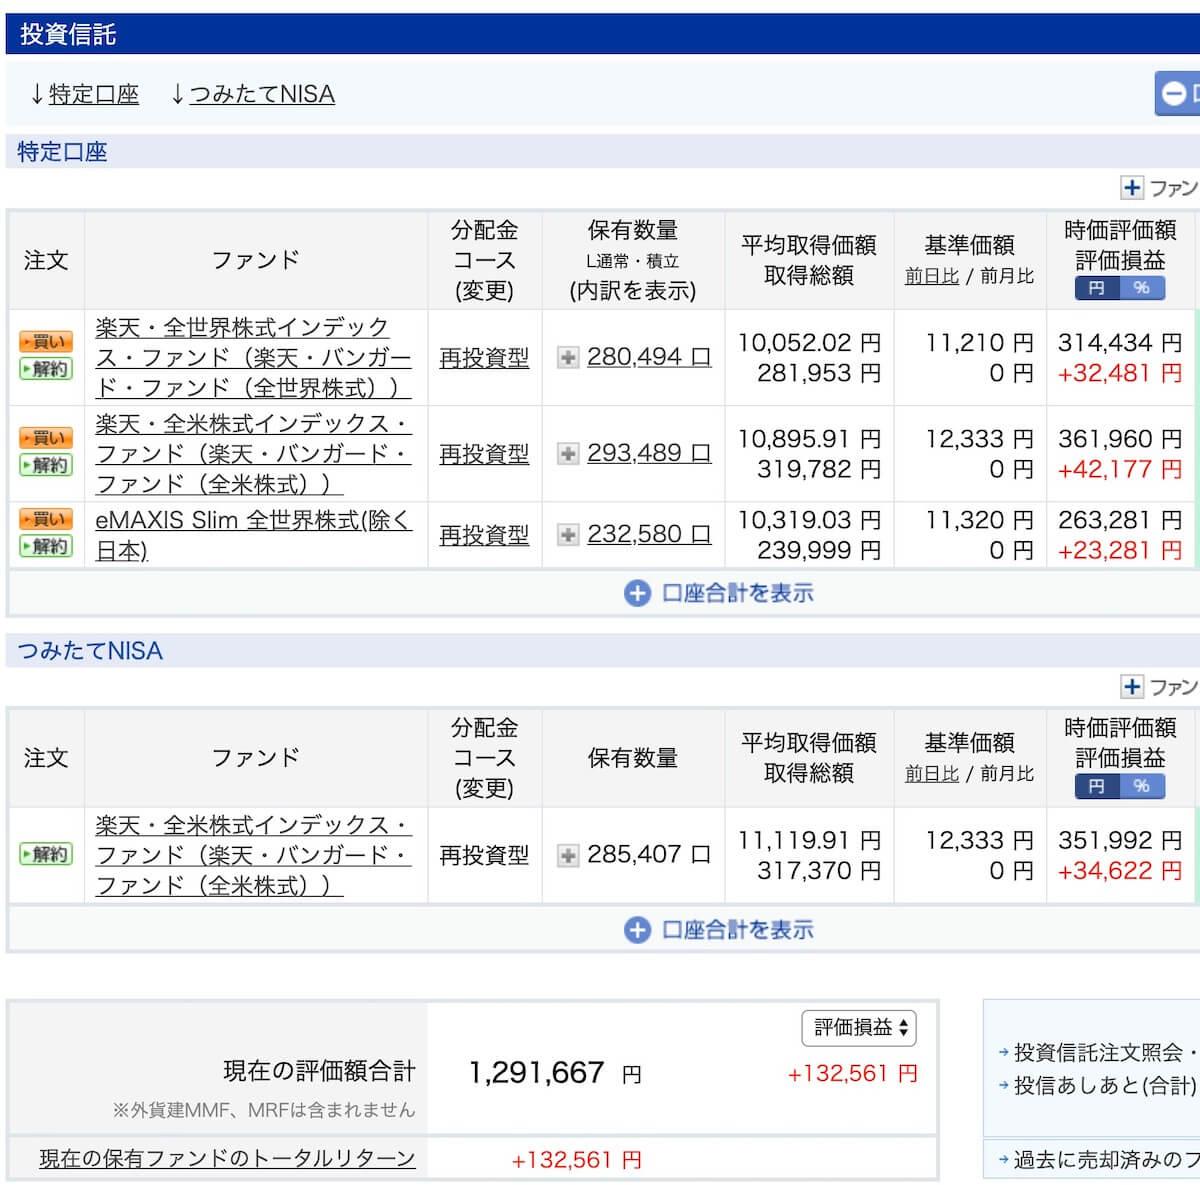 楽天証券11月の資産合計